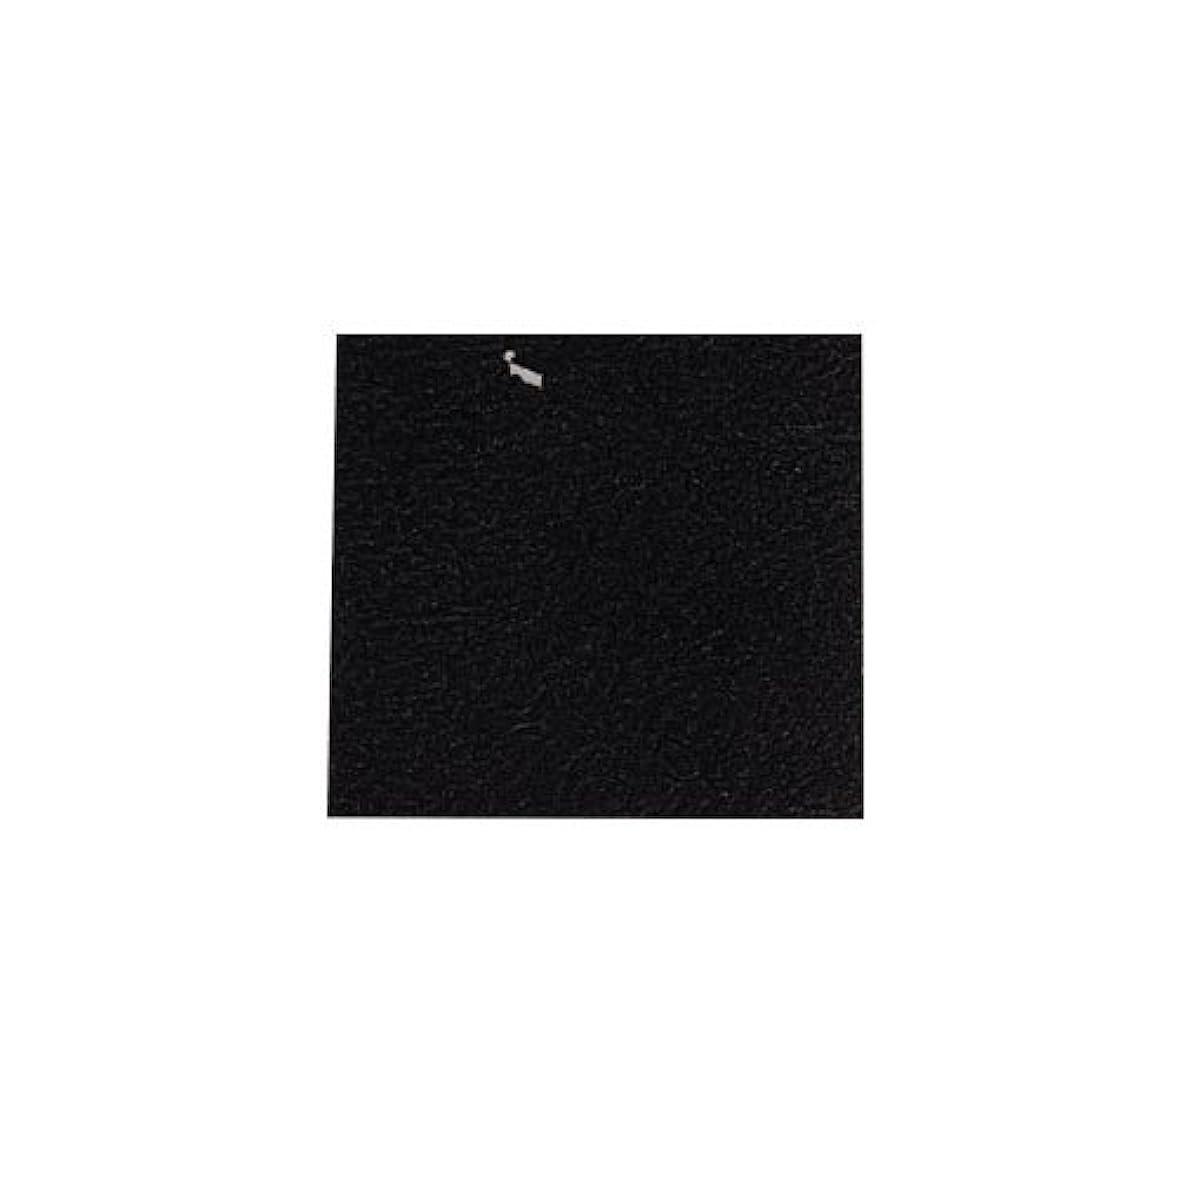 ゴールデンプラス発行するピカエース ネイル用パウダー カラー純銀箔 #620 黒色 3.5㎜角×5枚